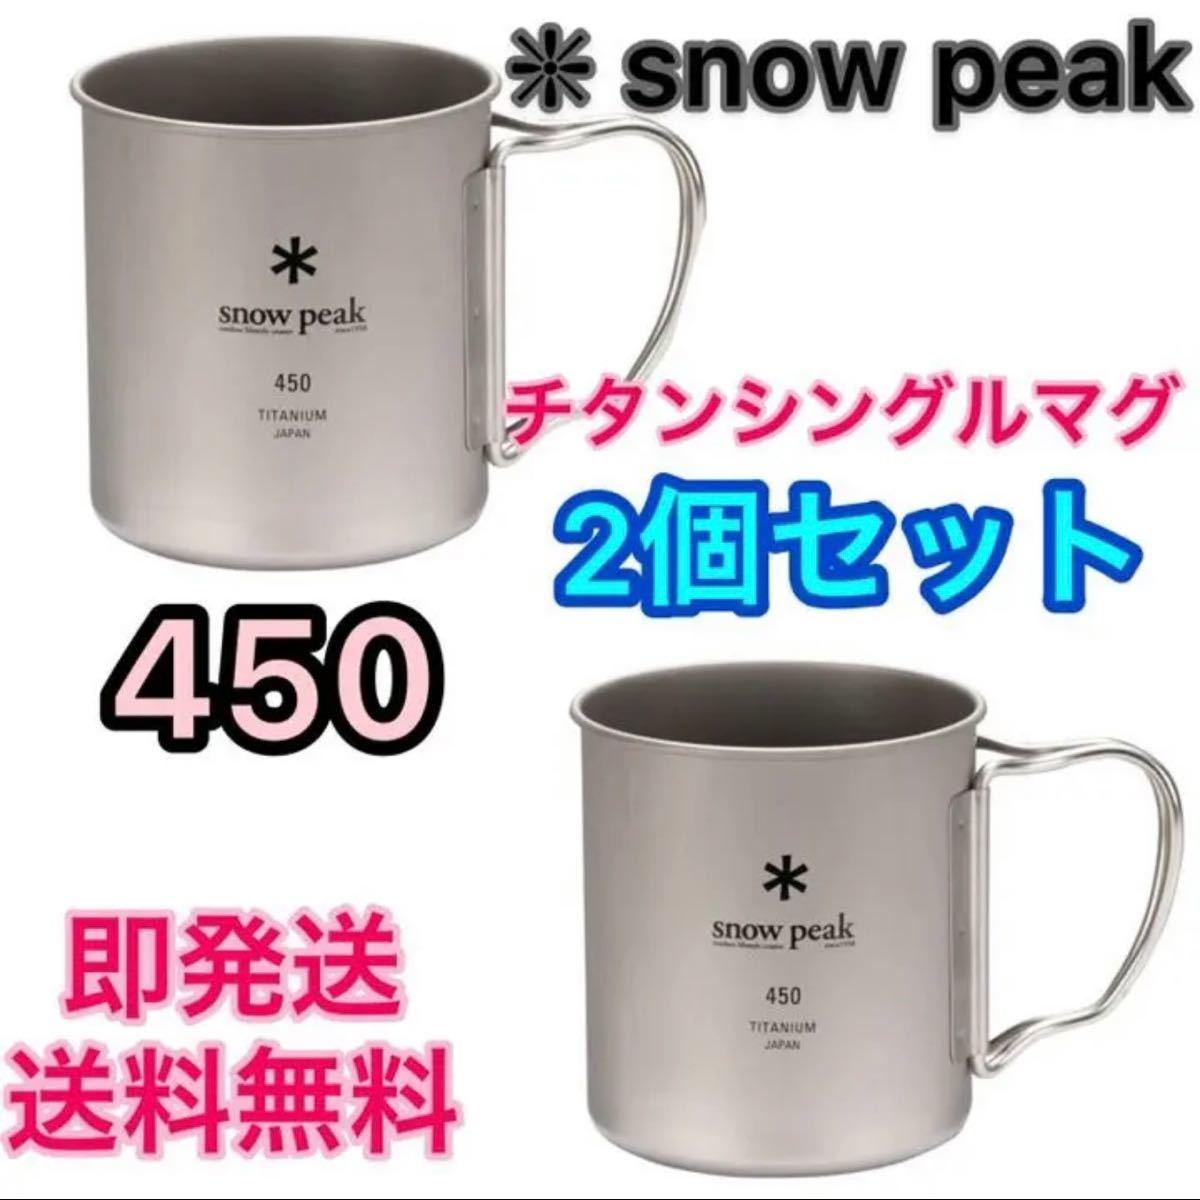 スノーピーク チタンシングルマグ 450  ★2個セット★ 【新品未使用】完売品 snowpeak